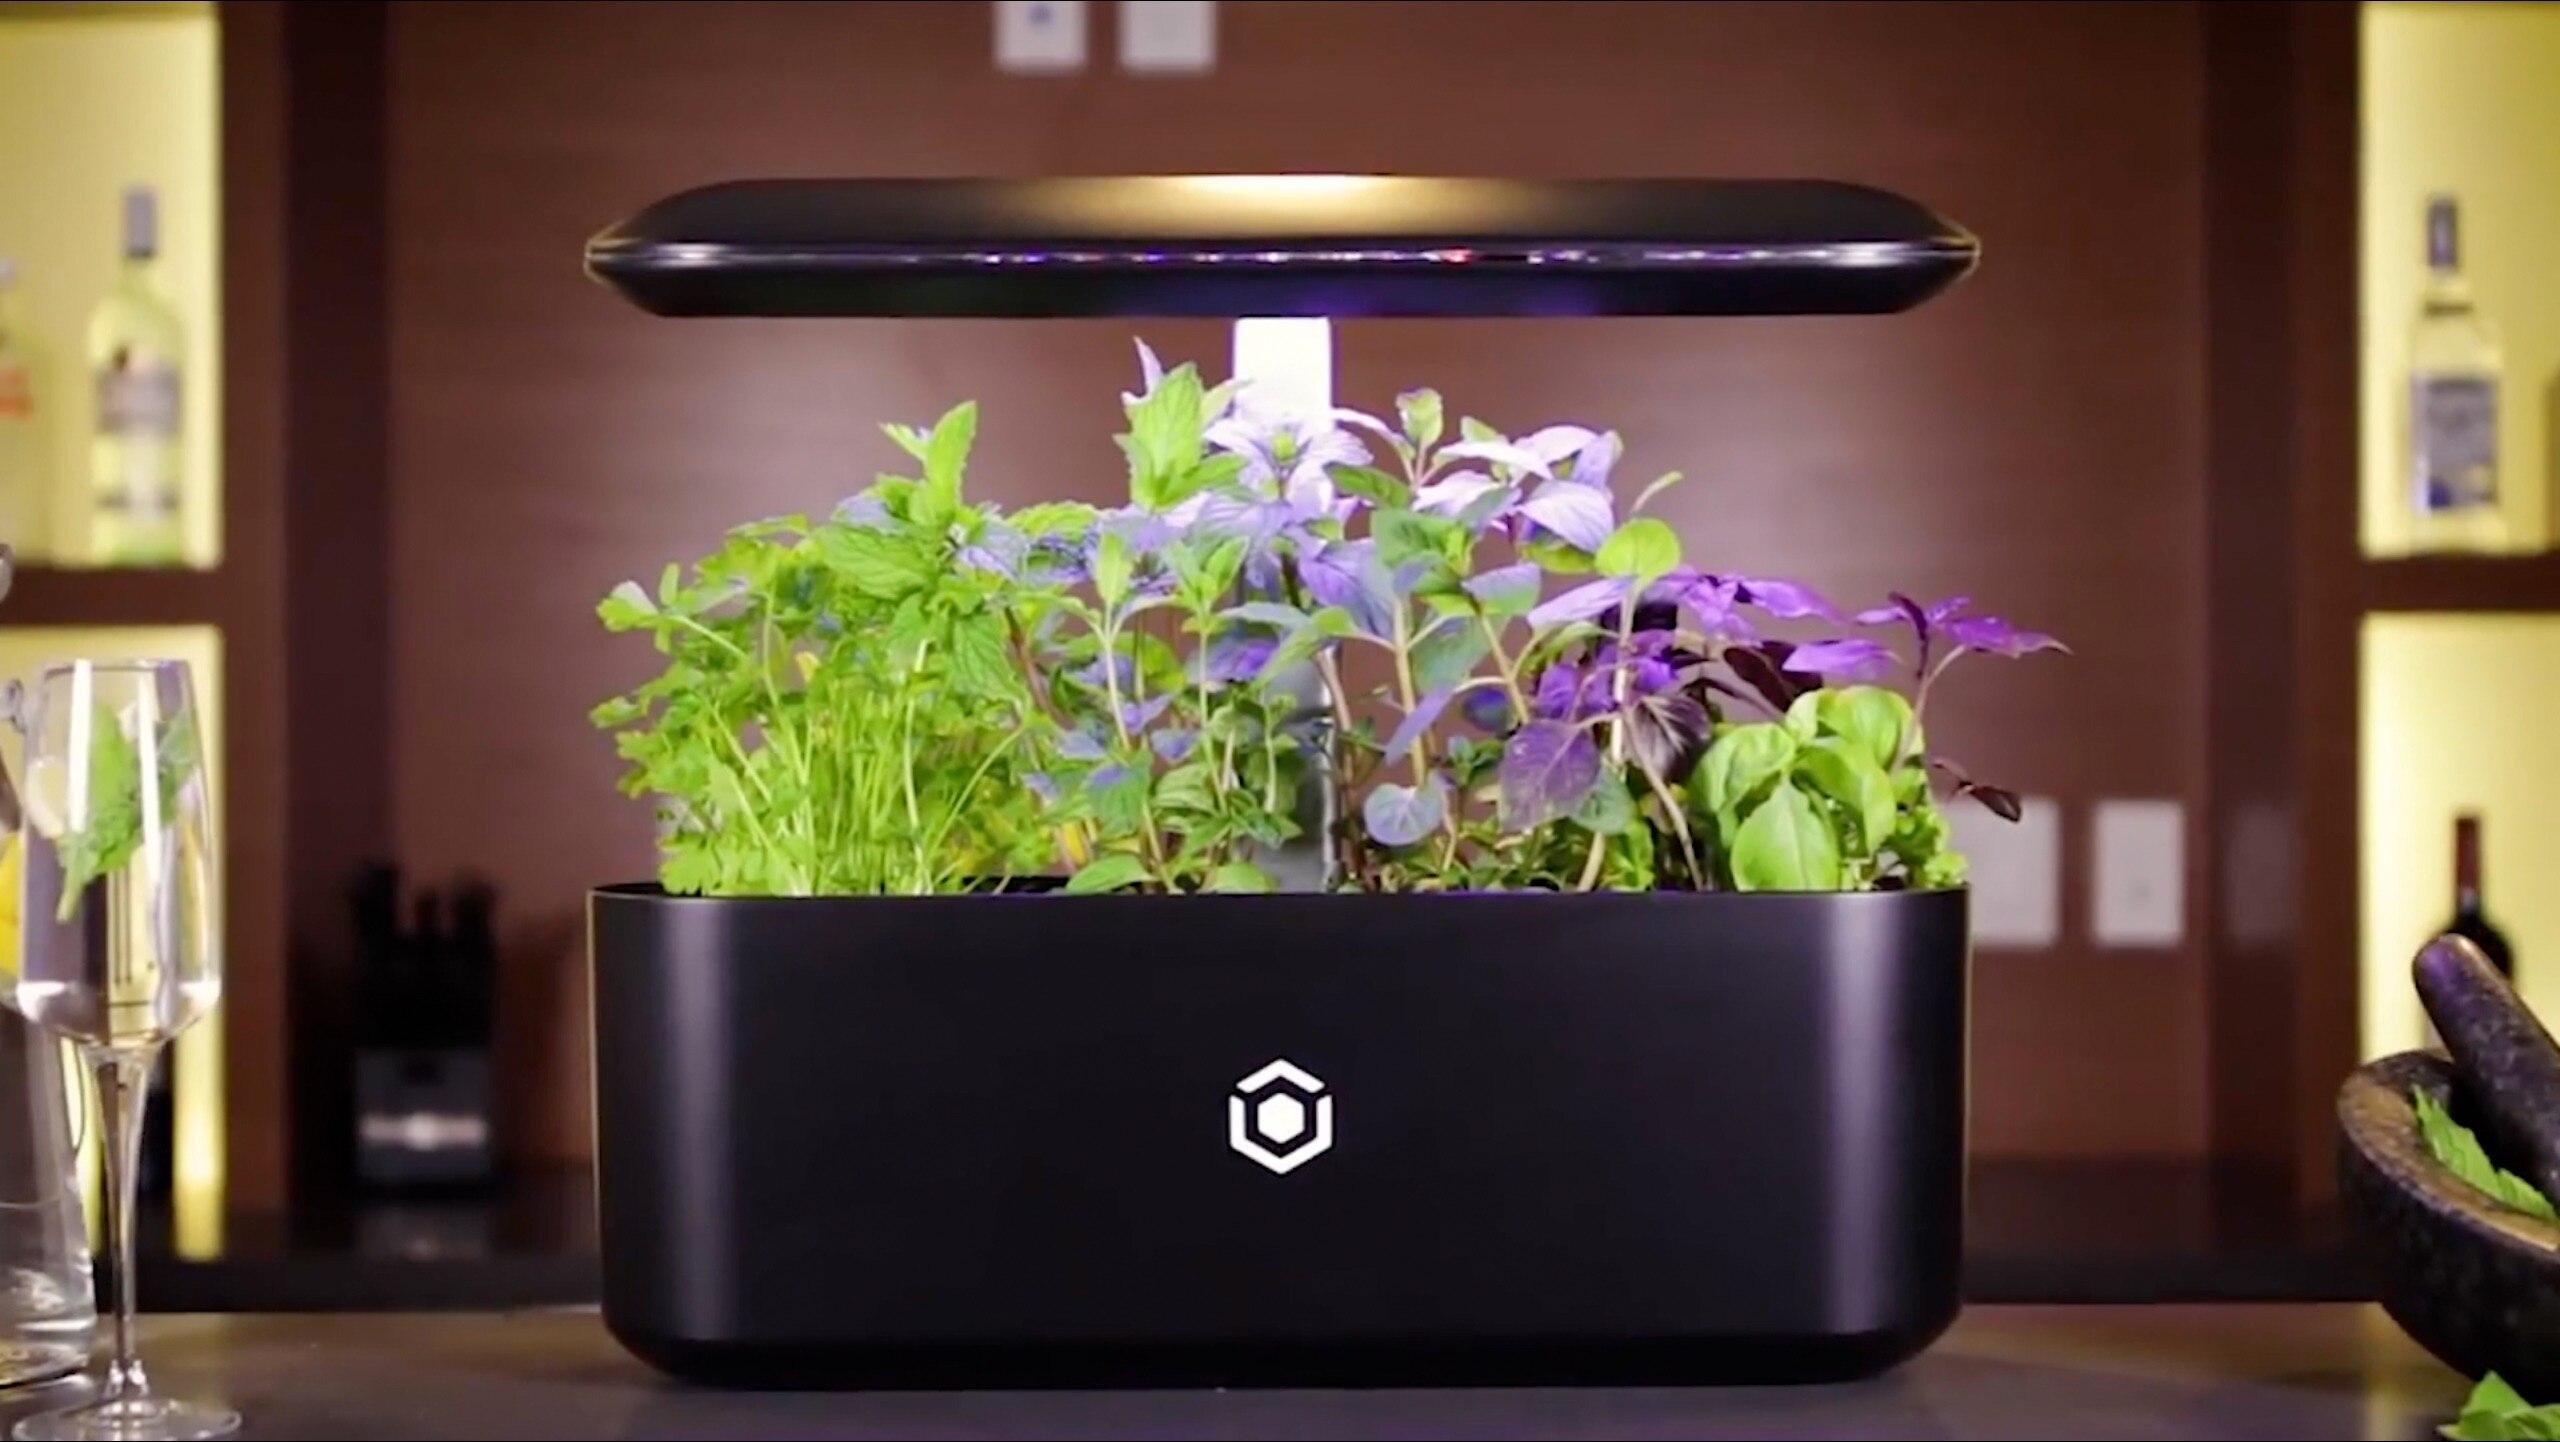 smarter blumentopf lässt pflanzen schneller wachsen | techbook